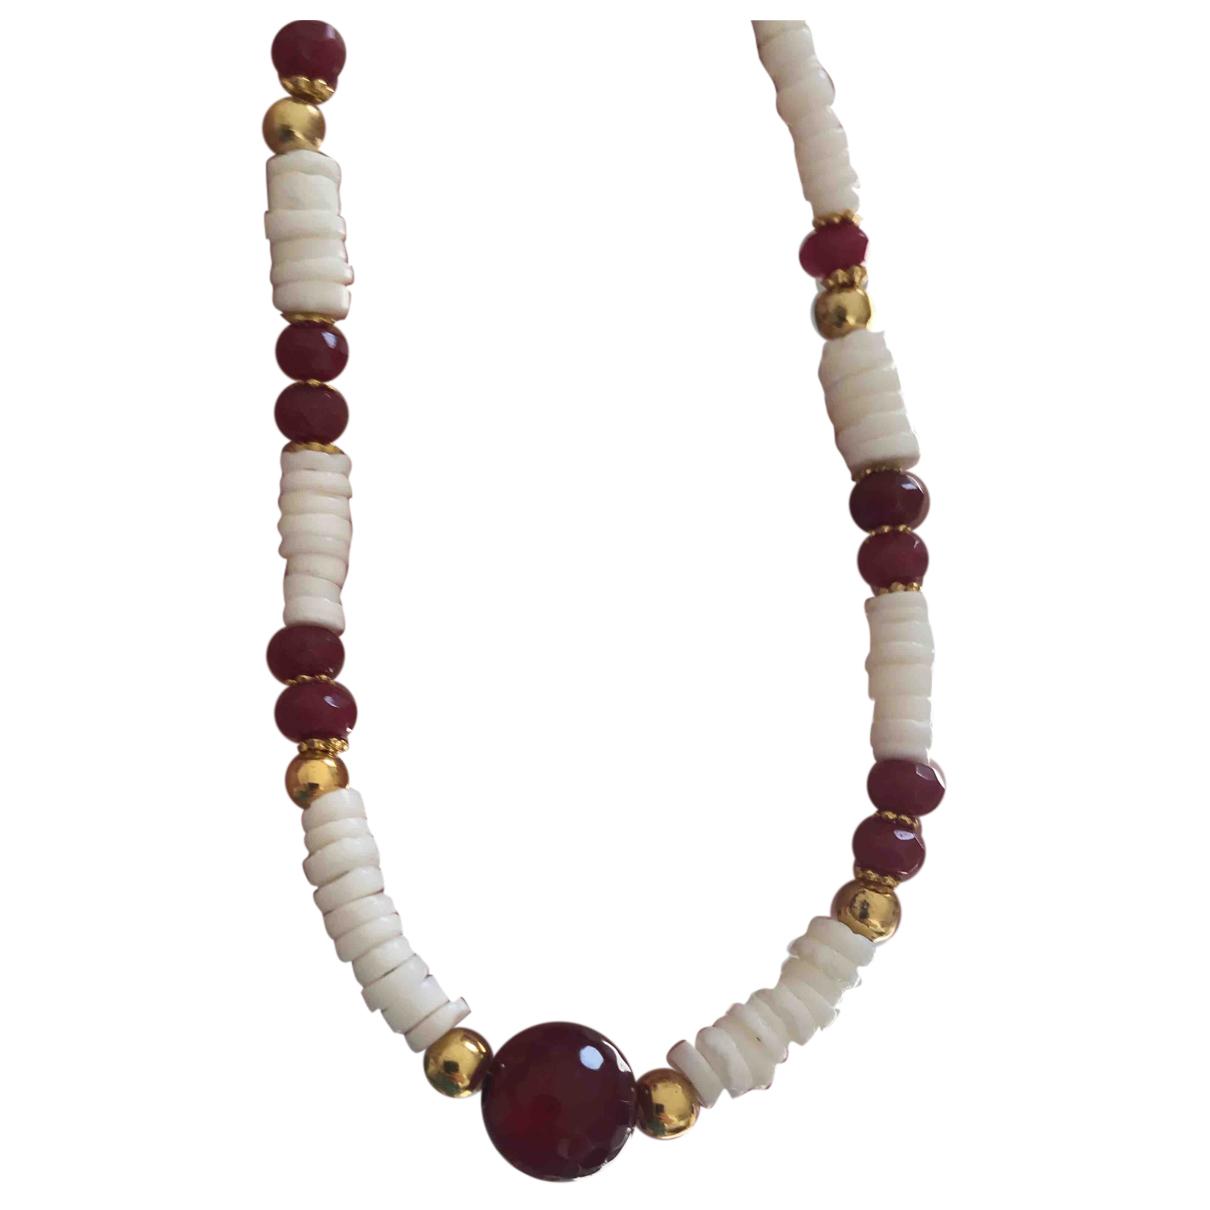 - Collier Rubis pour femme en perles - multicolore